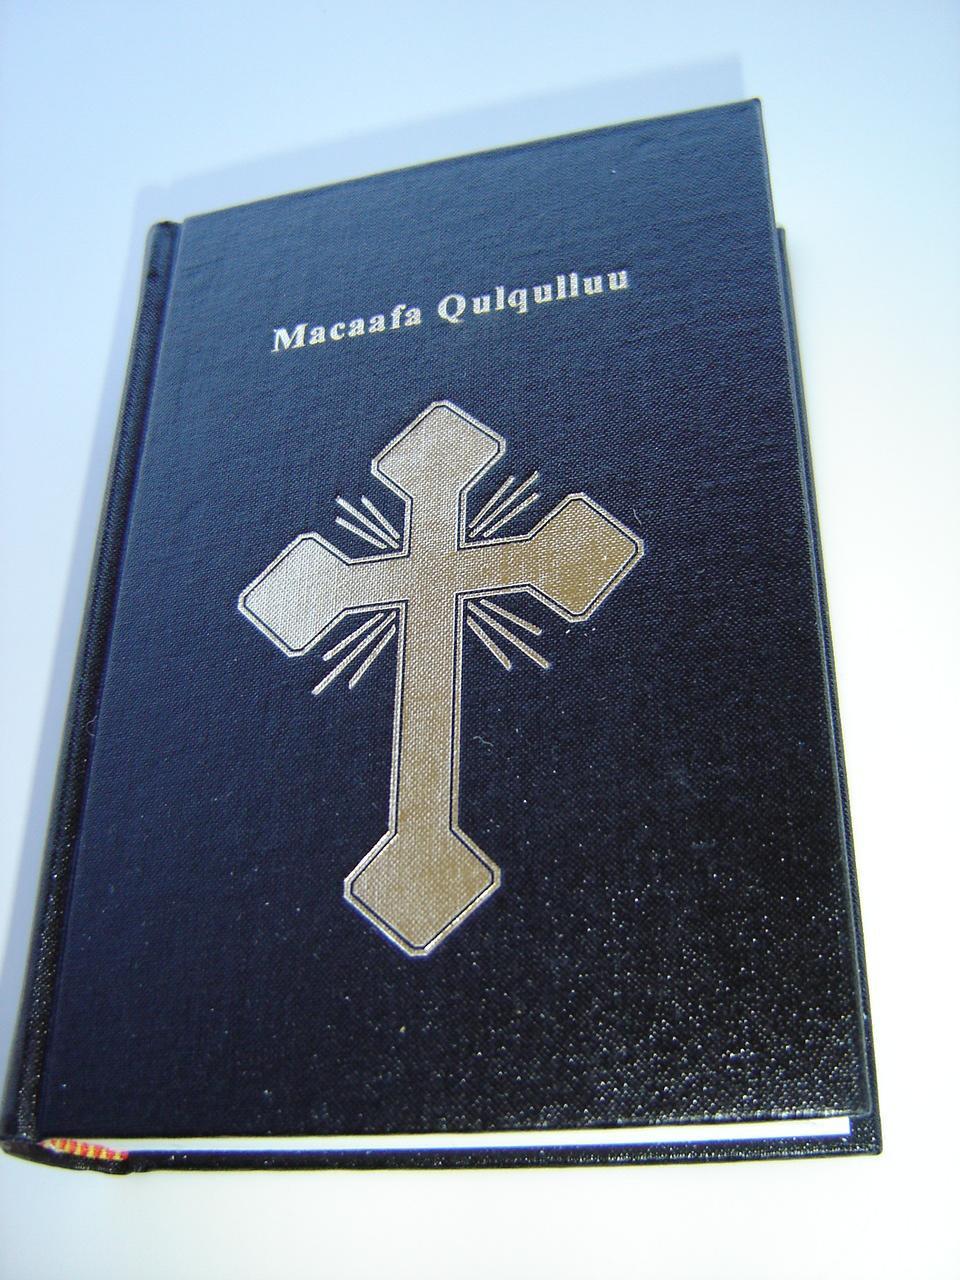 Bible in Oromo Language / Macaafa Qulqulluu / Affan Oromoo / Hiikan Haaran